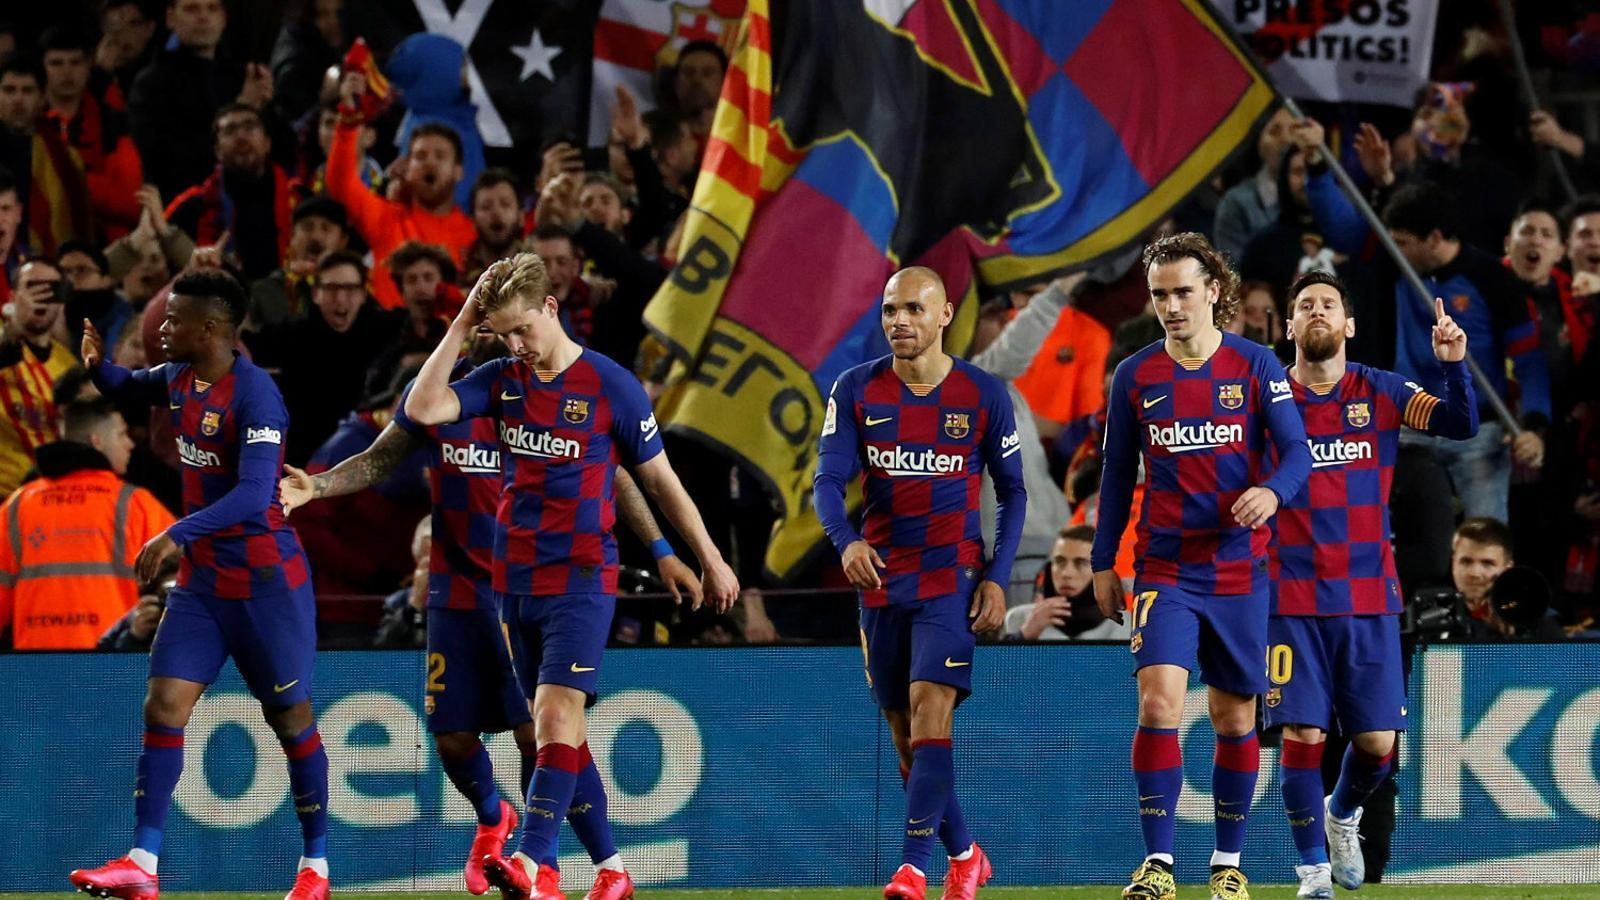 Braithwaite, Griezmann i Messi després de l'1-0 de l'argentí a la Reial en l'últim partit del Barça.